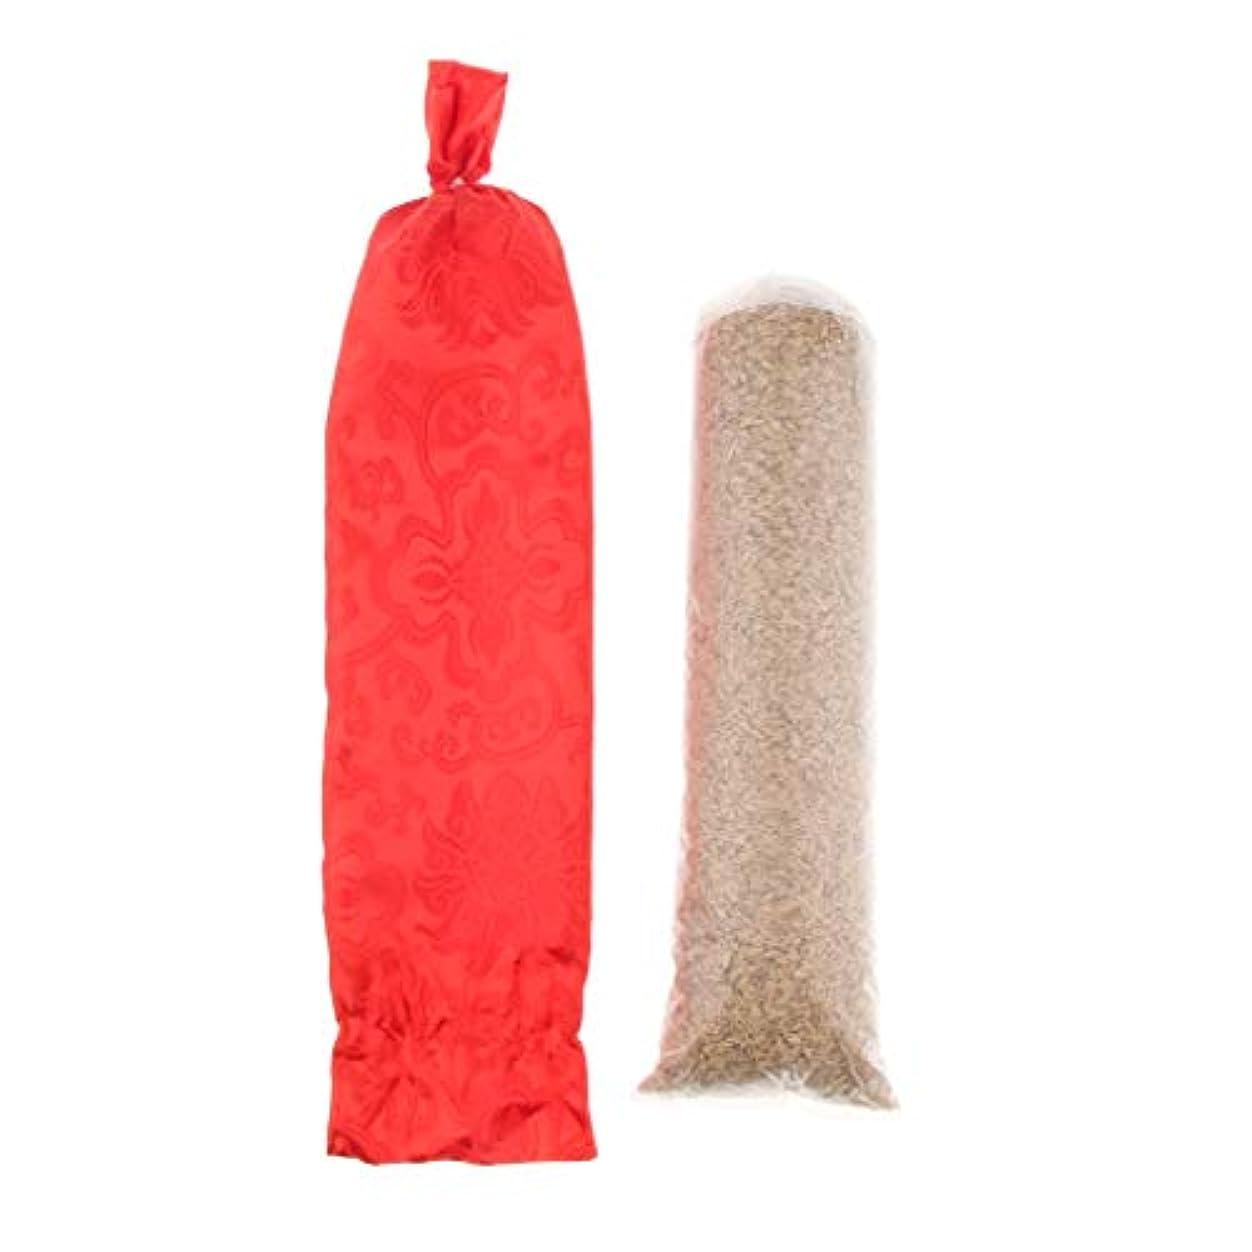 マニアック匿名会話型Baoblaze ラウンド 頚部枕 ロール枕 洗濯可能なカバー サポートピロー